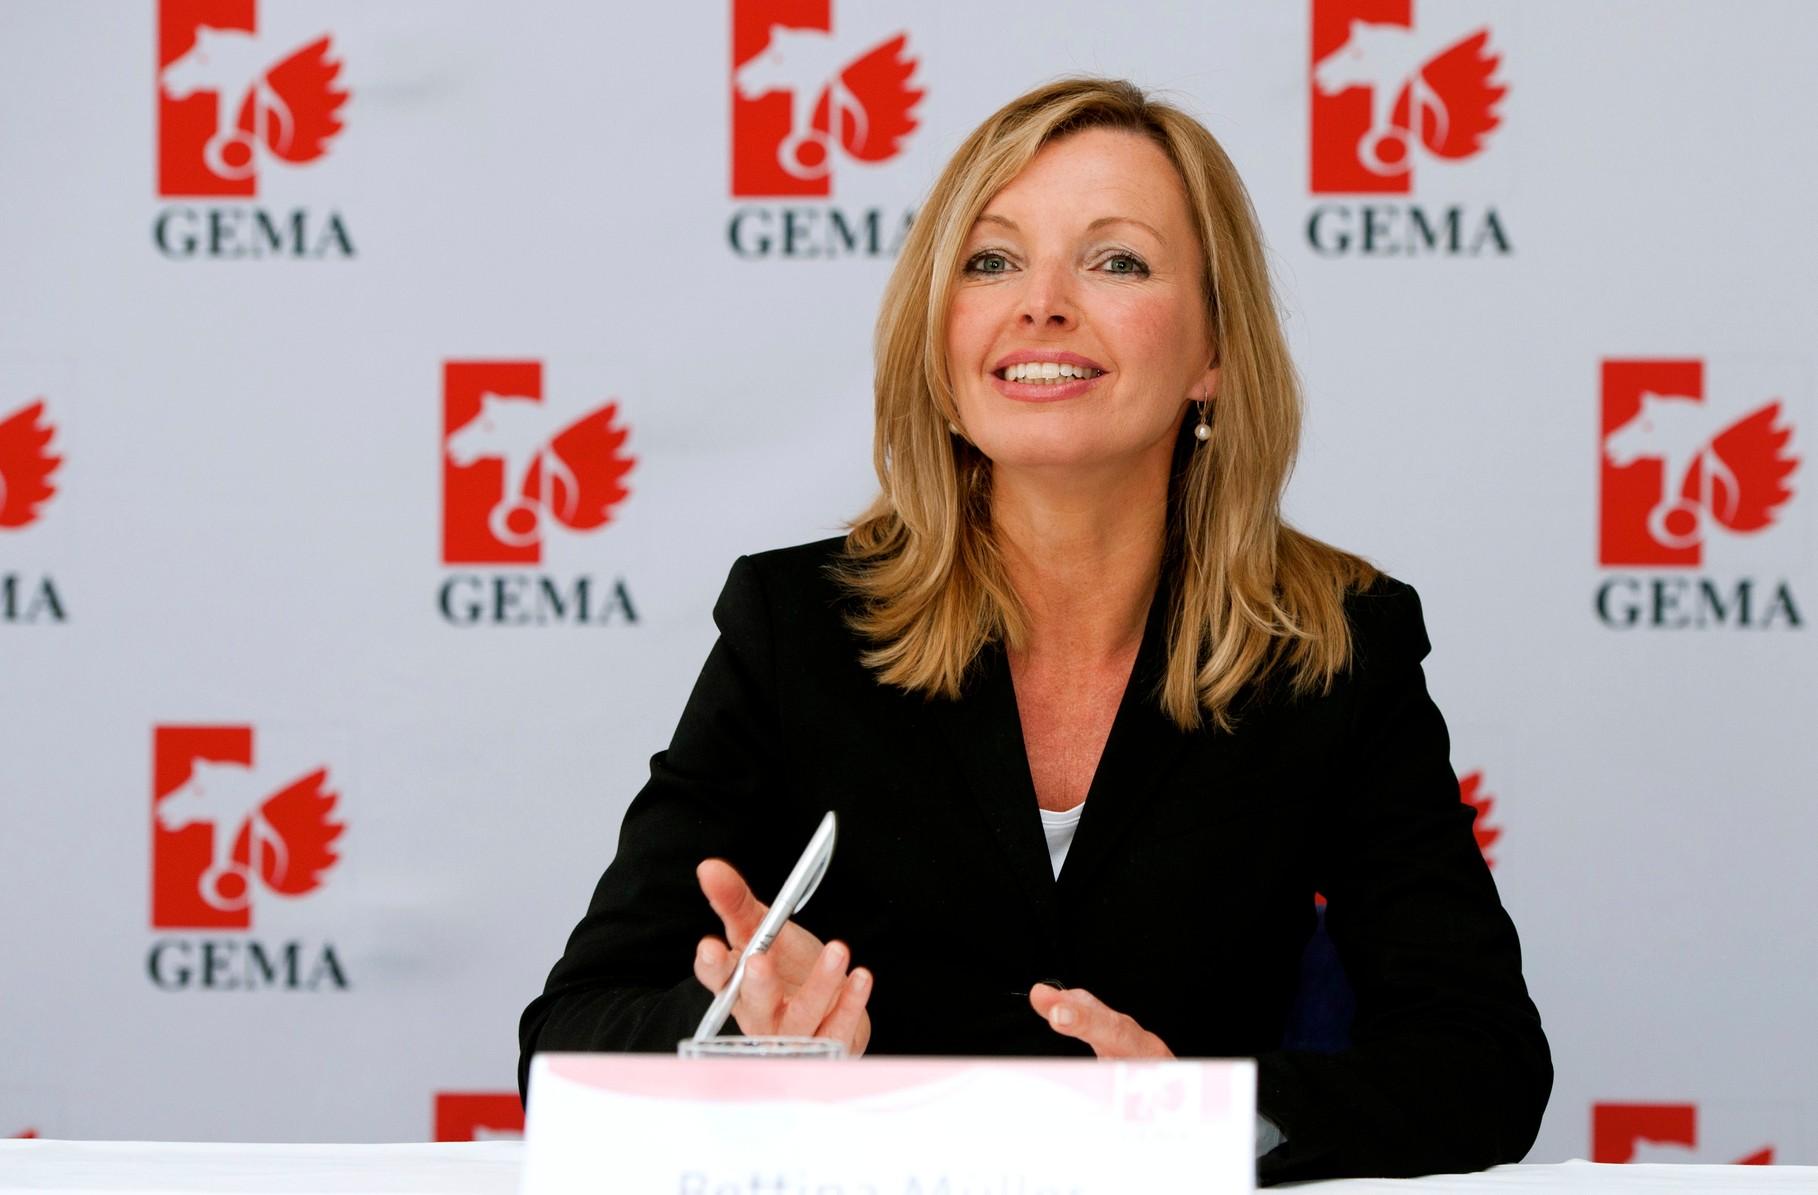 Foto: Bettina Miserre moderiert die Jahrespressekonferenz der GEMA